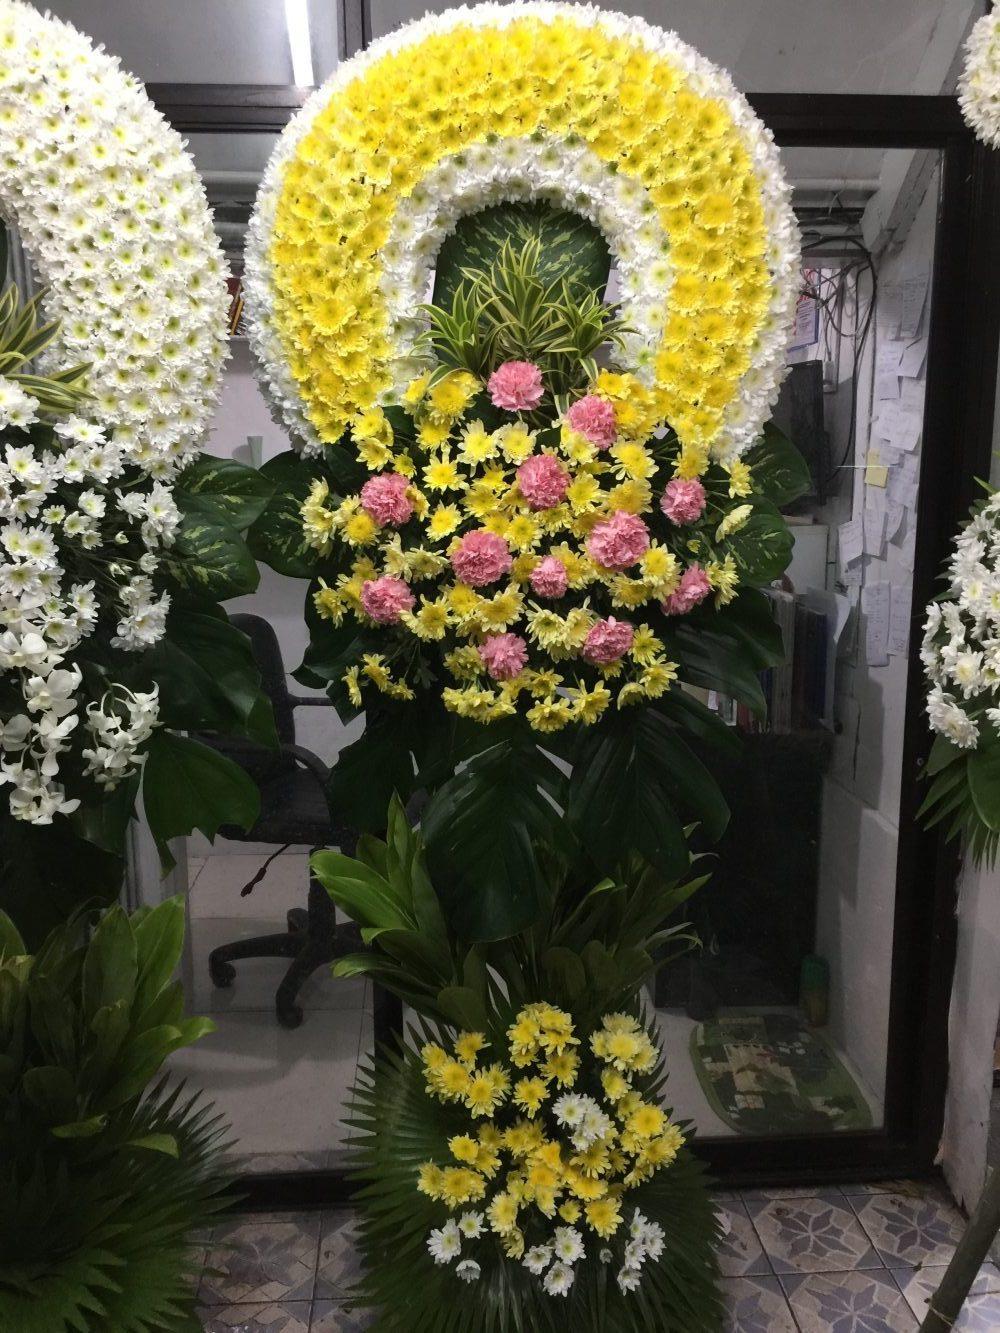 Funeral Flowers 106 Ljj Flower